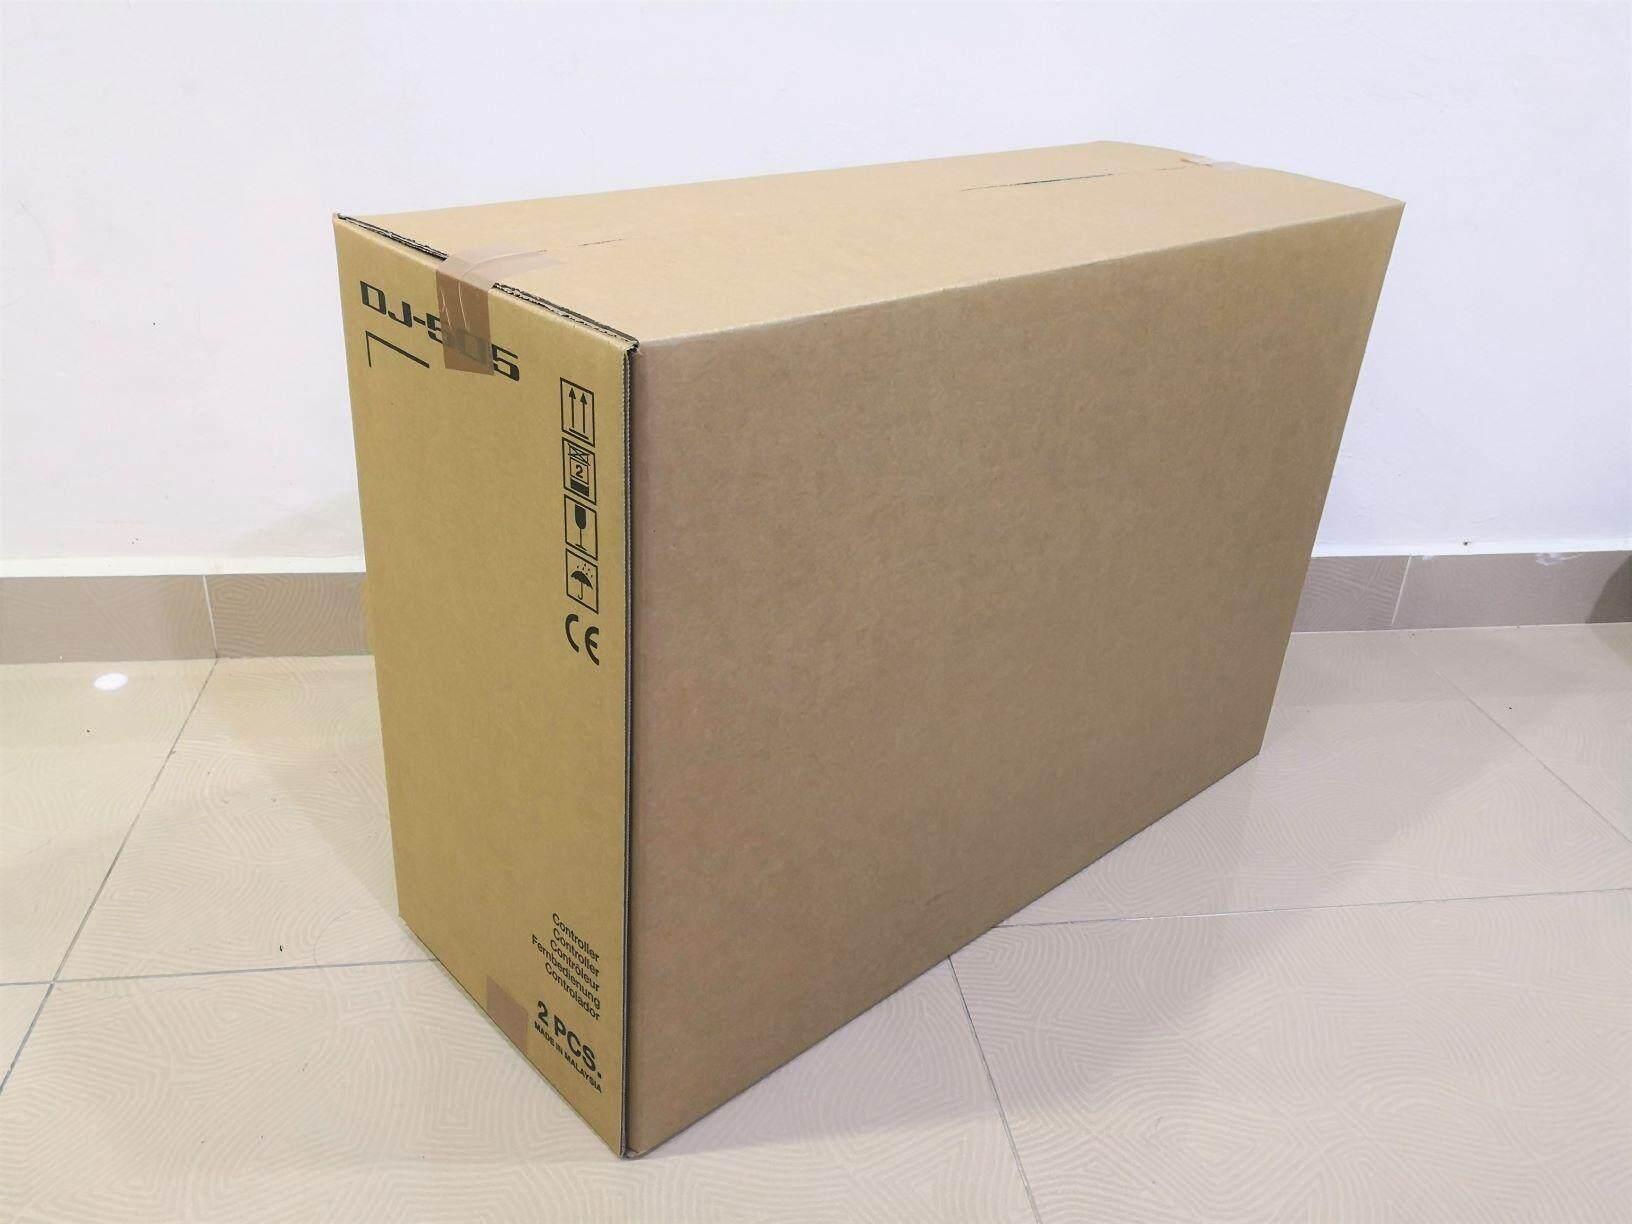 10pcs Printed Carton Boxes (L695 X W272 X H483mm)